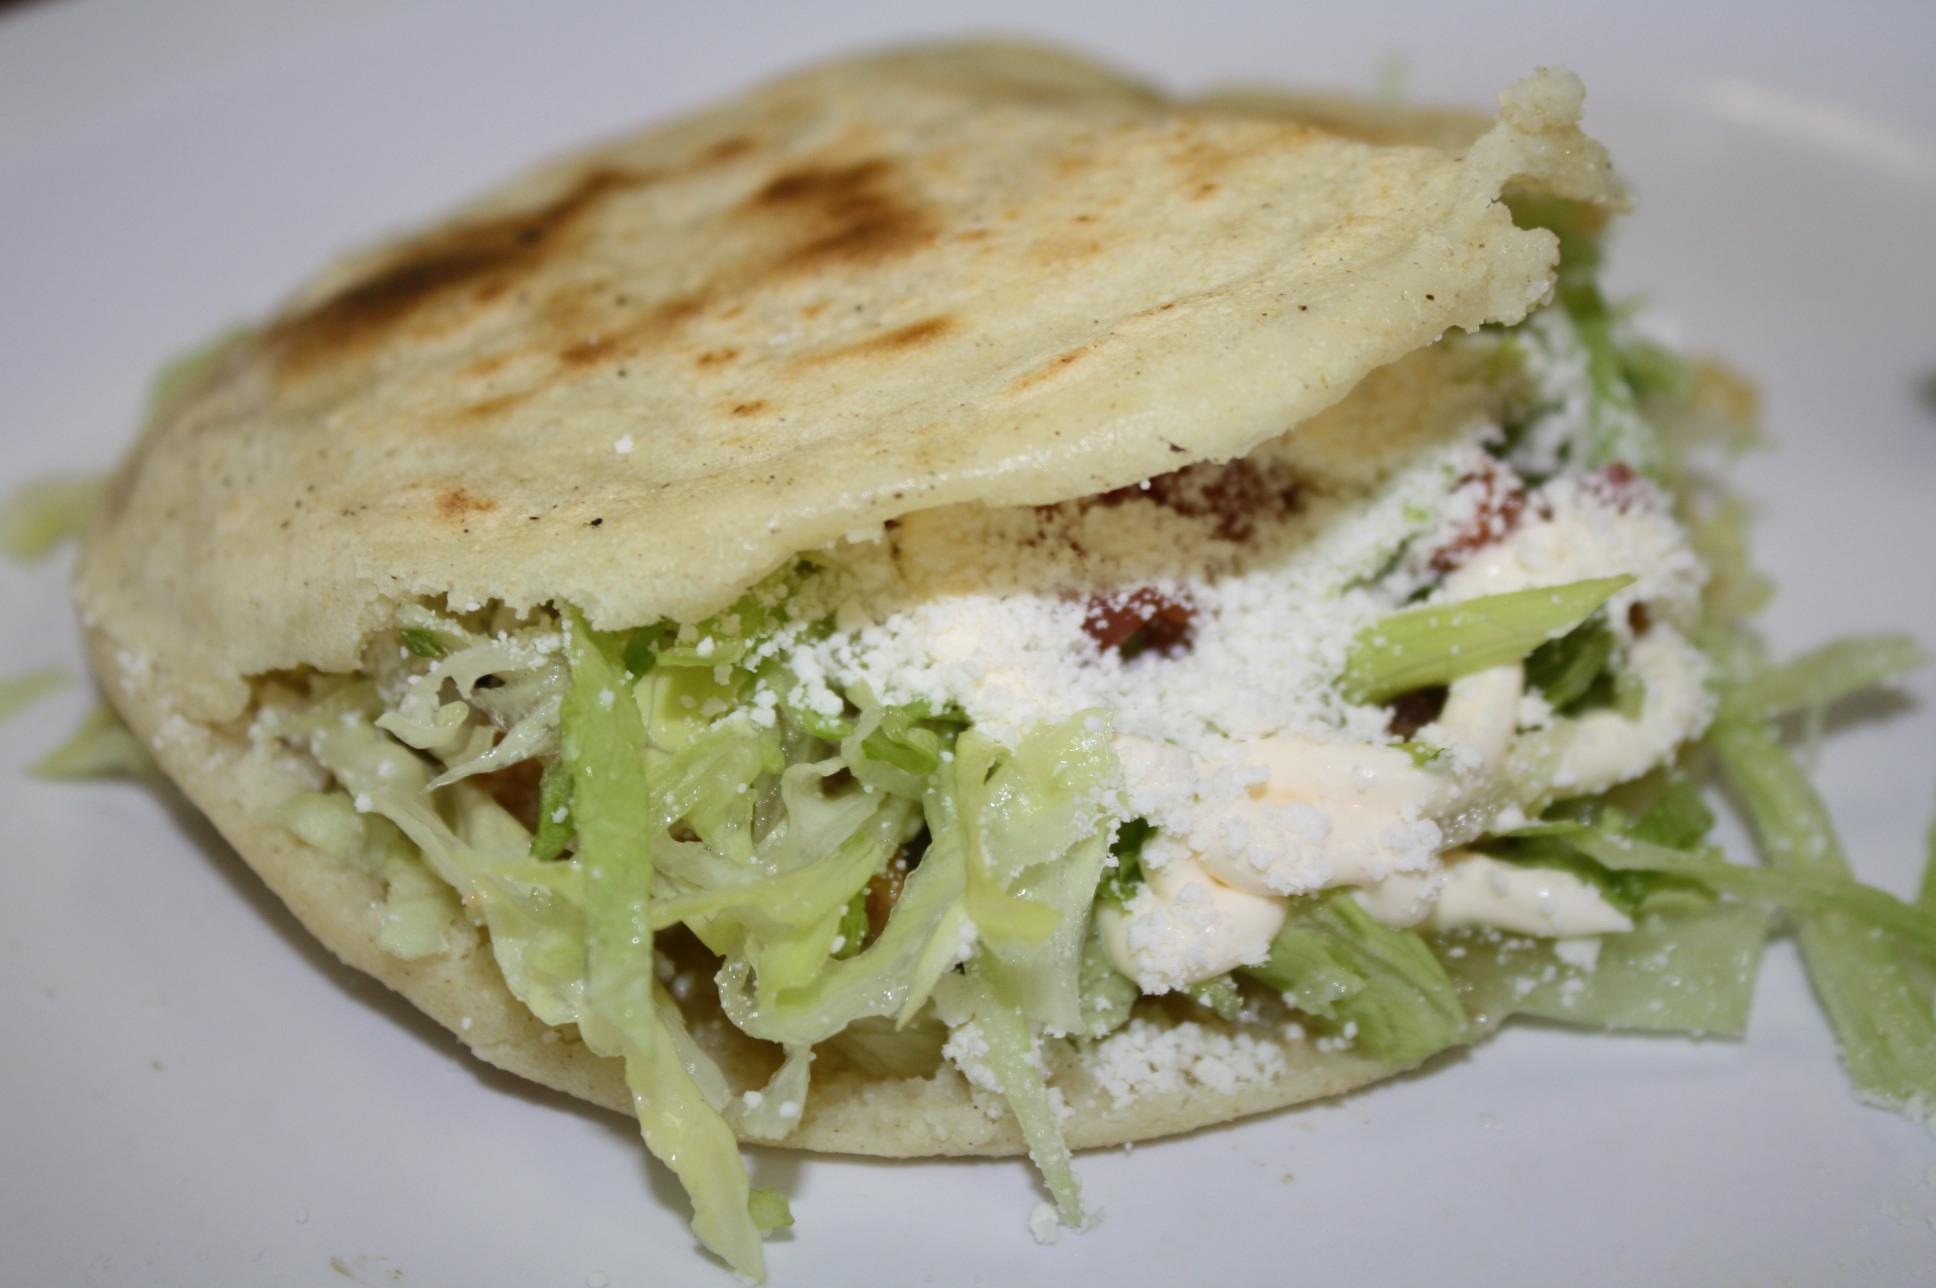 Gordita de chicharrón en salsa verde. (Foto Agustín Durán/El Pasajero).